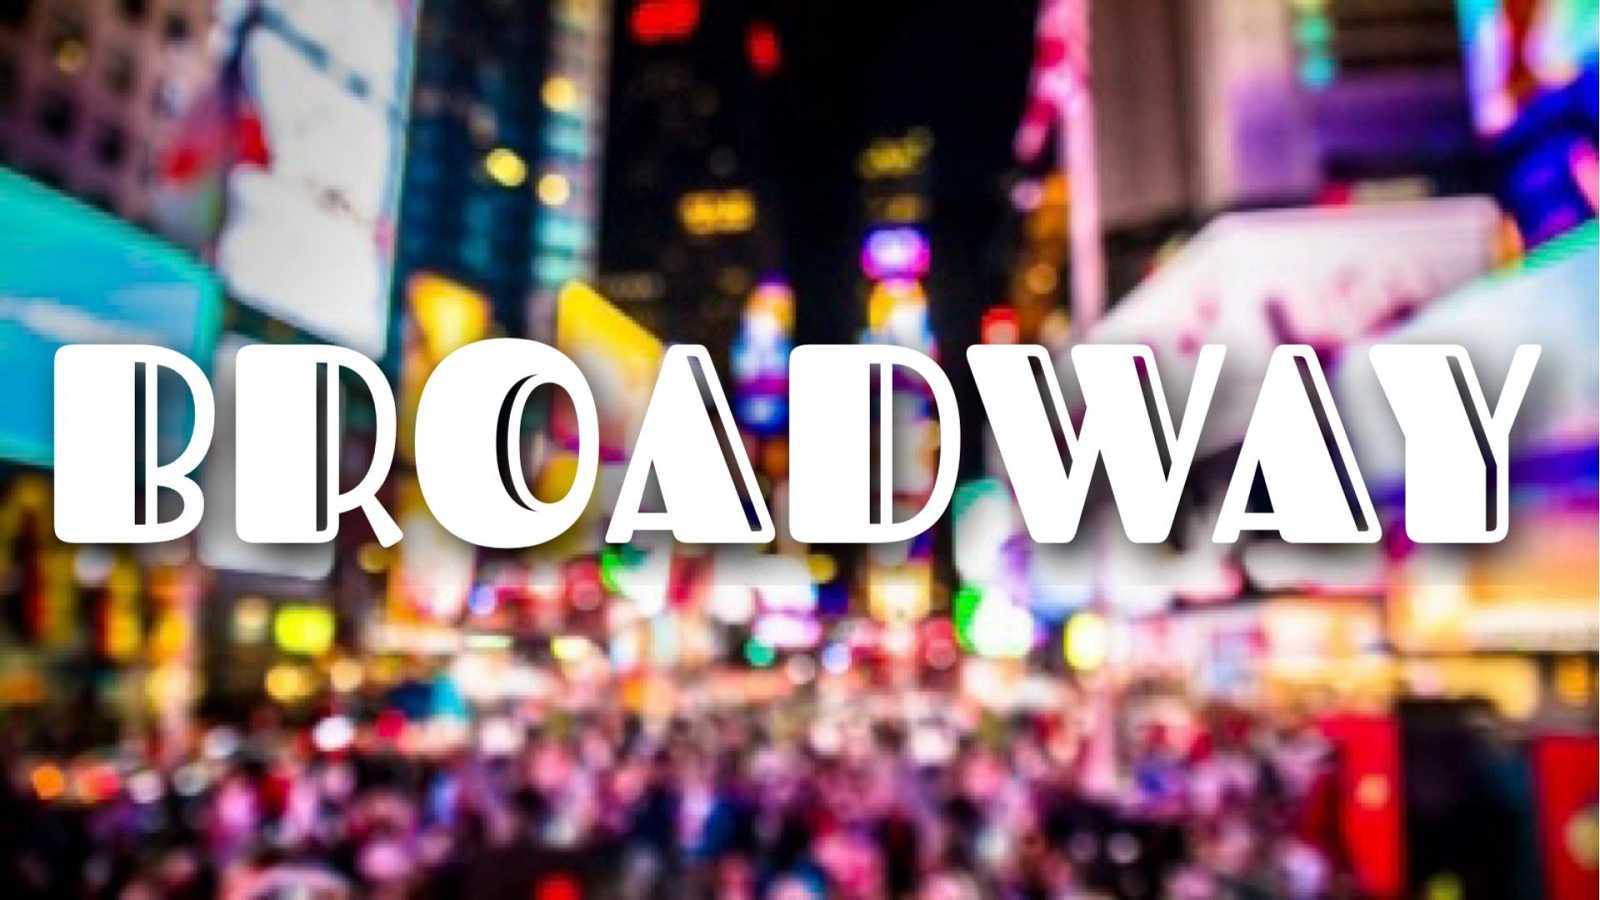 No es un día cualquiera - Broadway - Andrés Salado - La platea - 28/02/2021 - Escuchar ahora